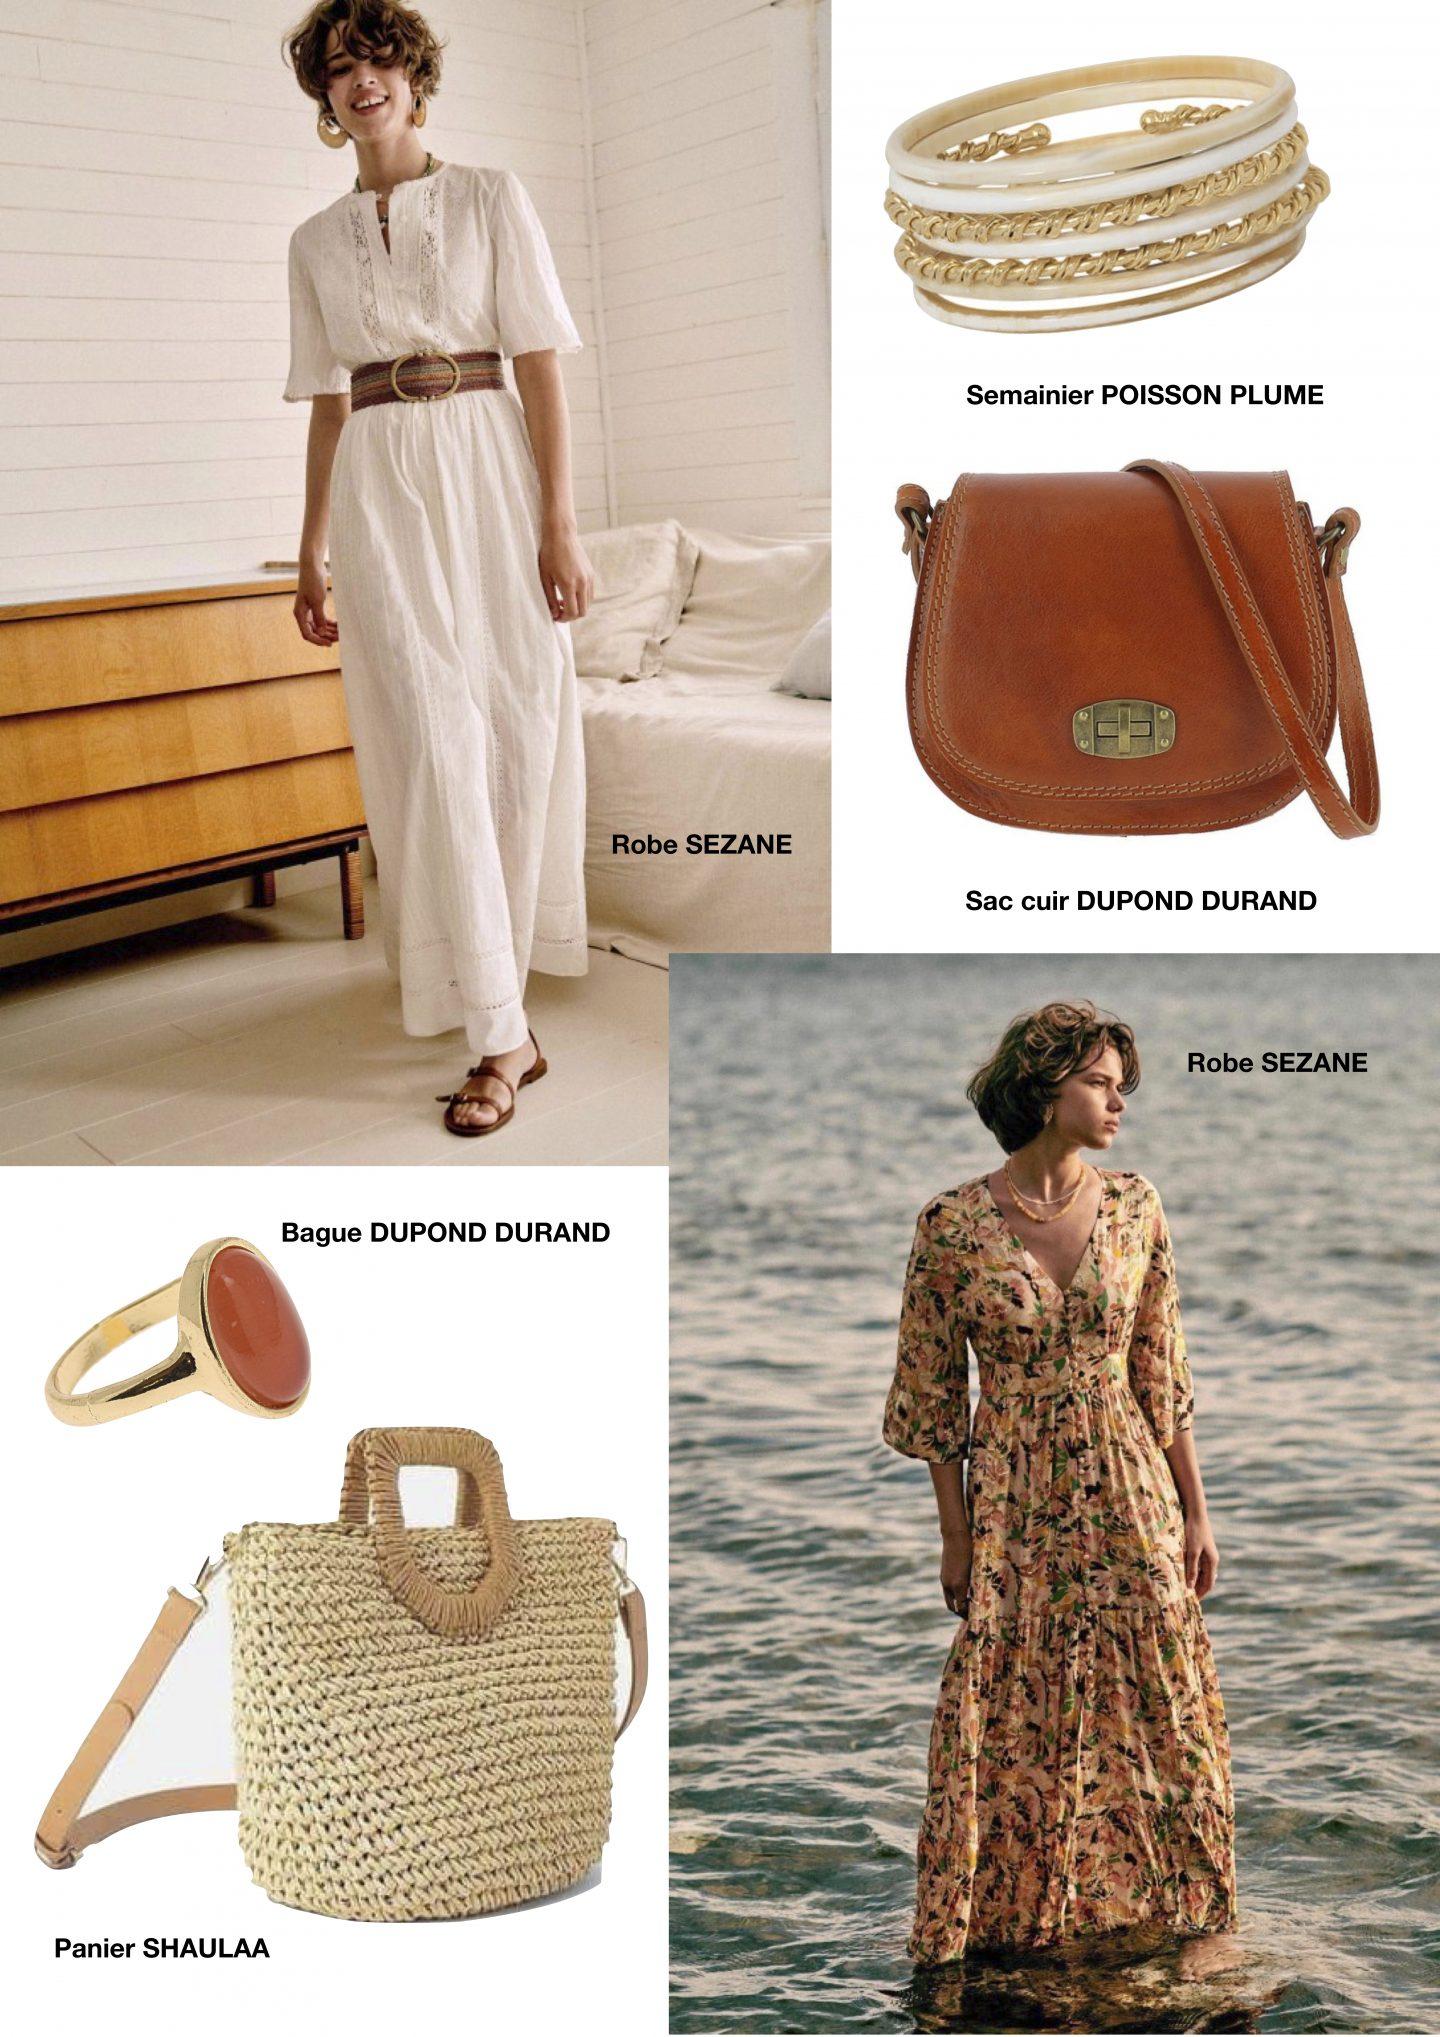 idées de look élégants pour des vacances au bord de la mer